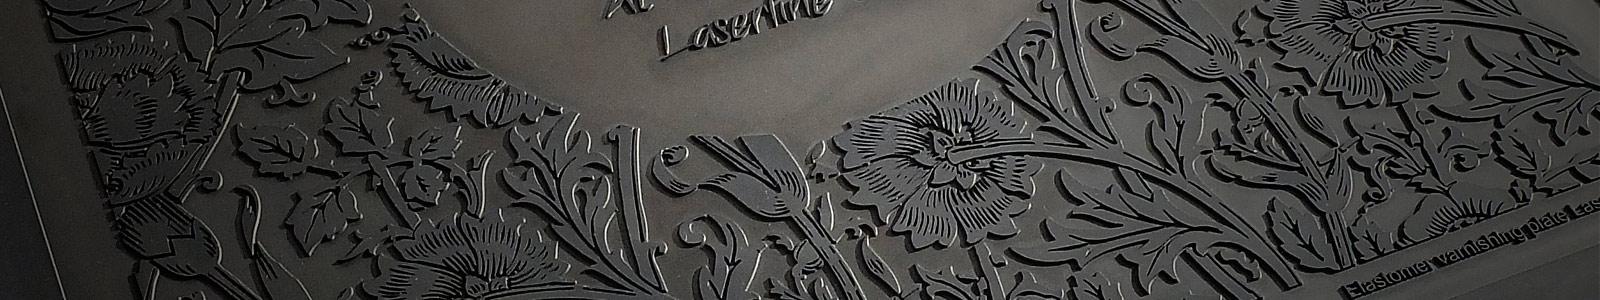 laser engraved varnishing plate laserline csl